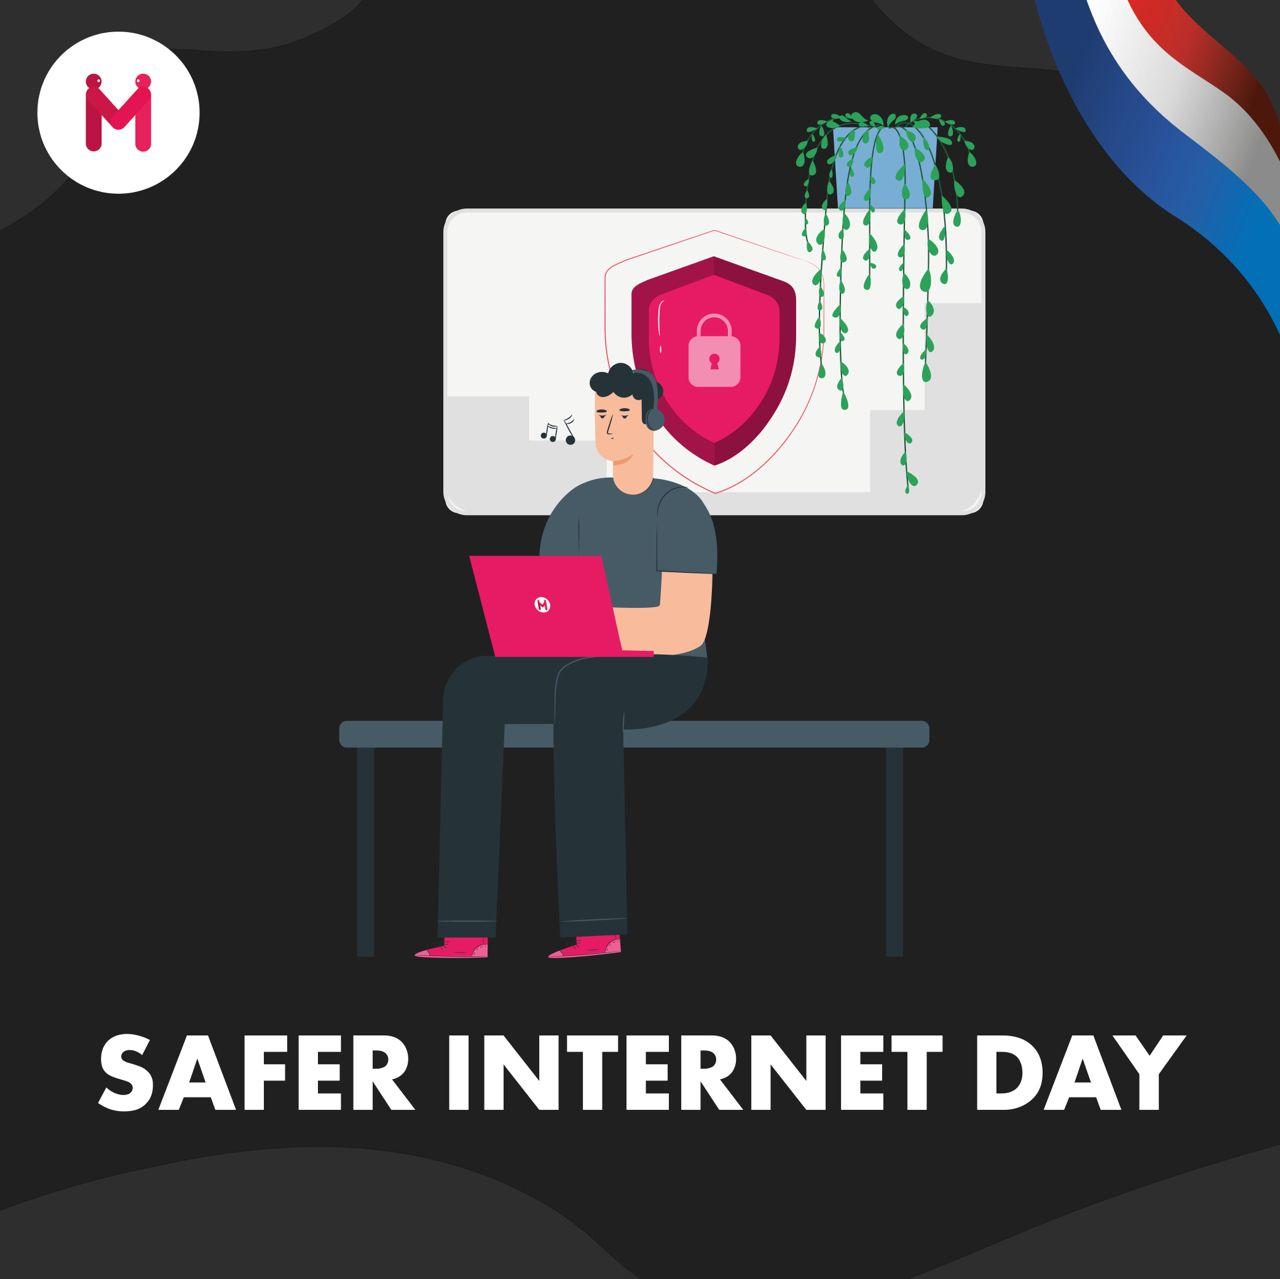 SAFER DAY 2021